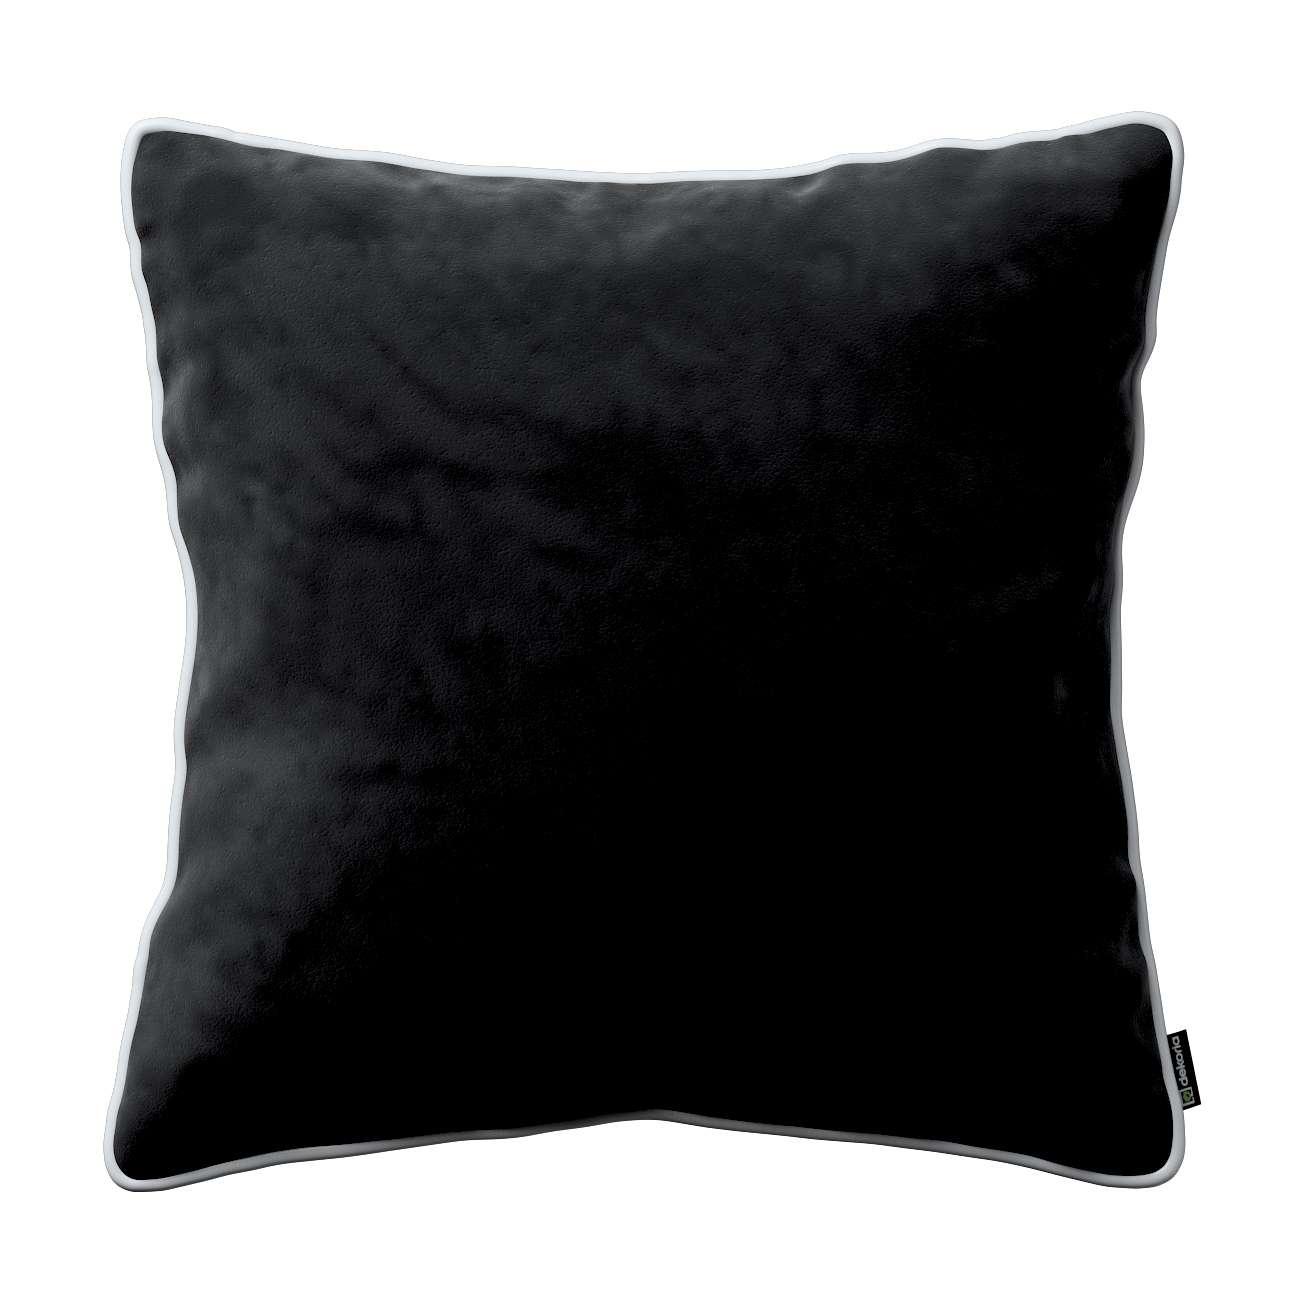 Poszewka Laura na poduszkę w kolekcji Velvet, tkanina: 704-17